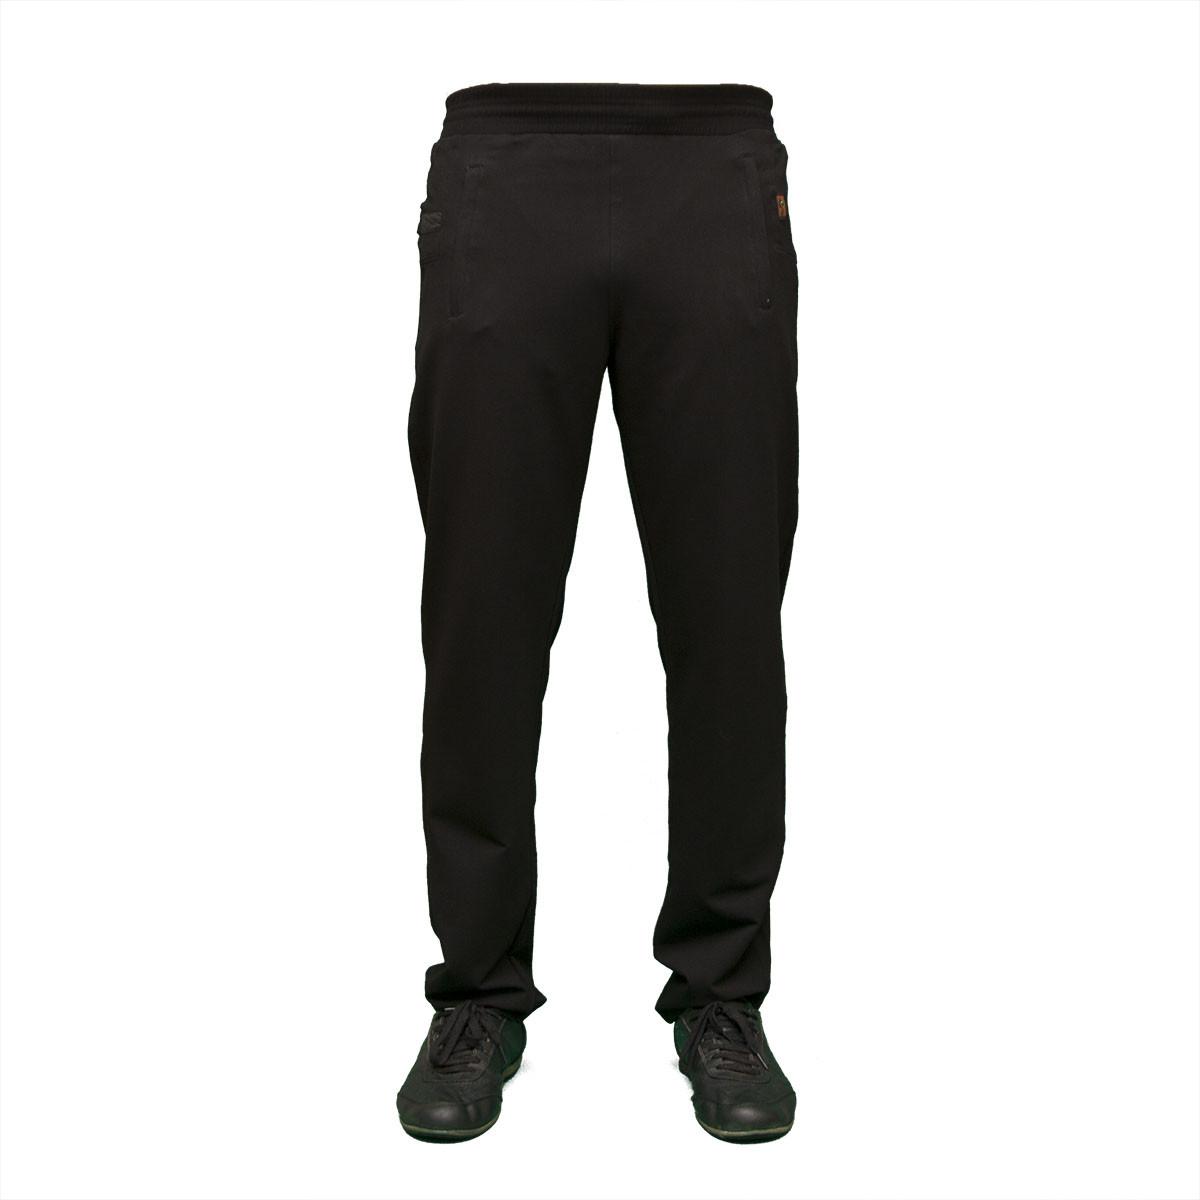 Спортивные черные трикотажные штаны  тм. FORE  9303